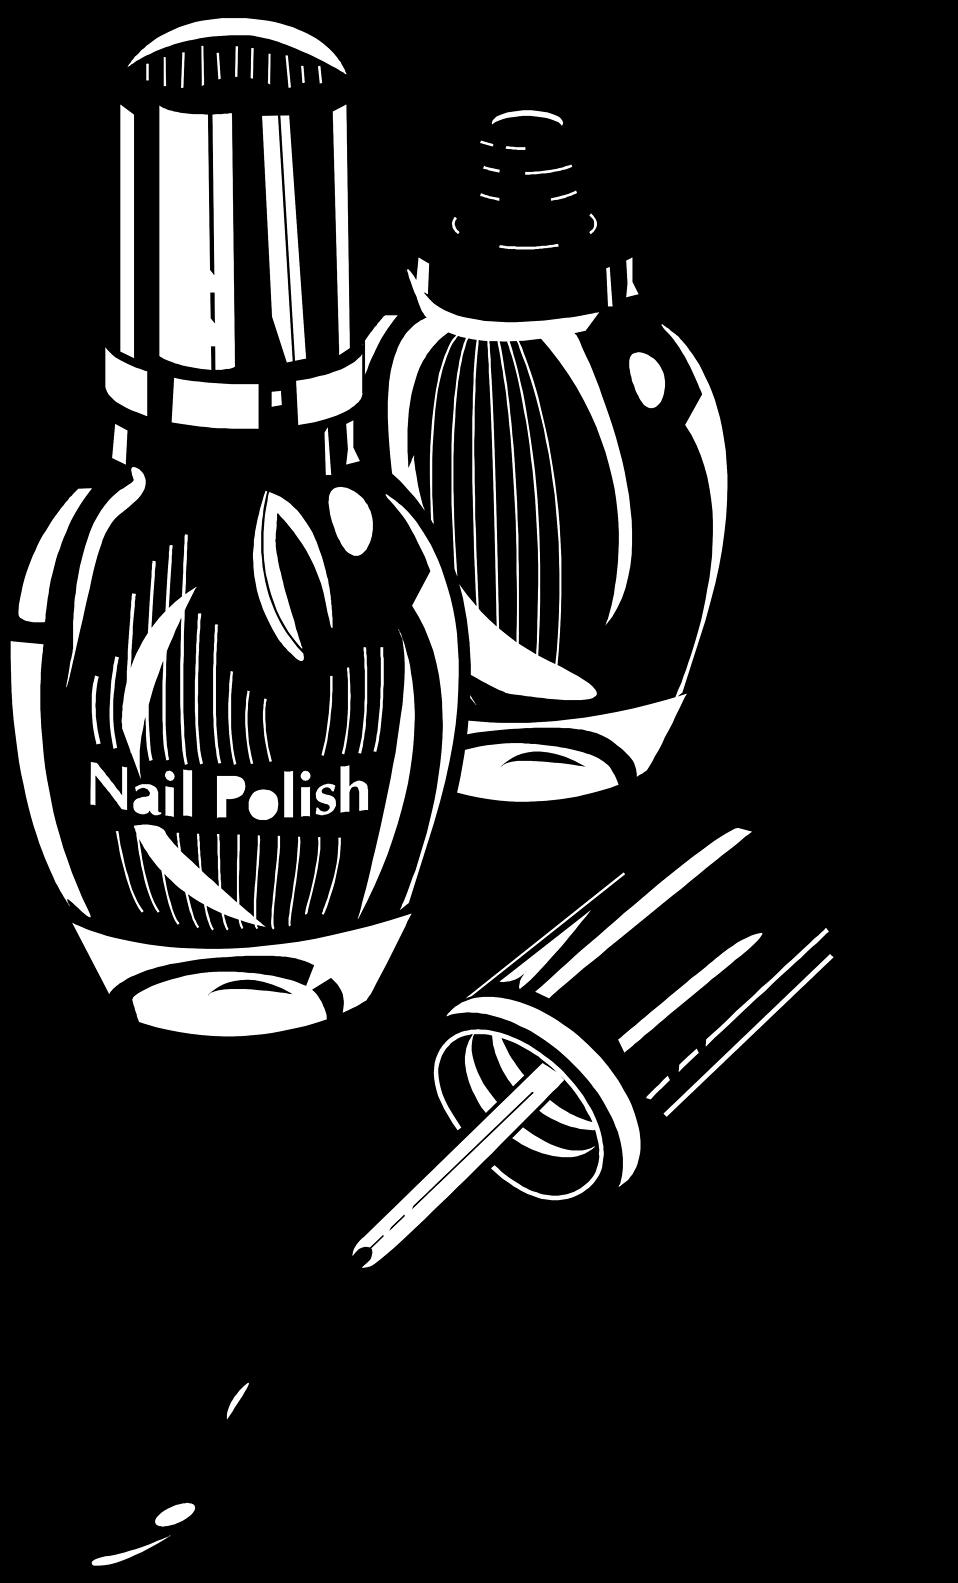 nail polish free stock photo illustration of nail